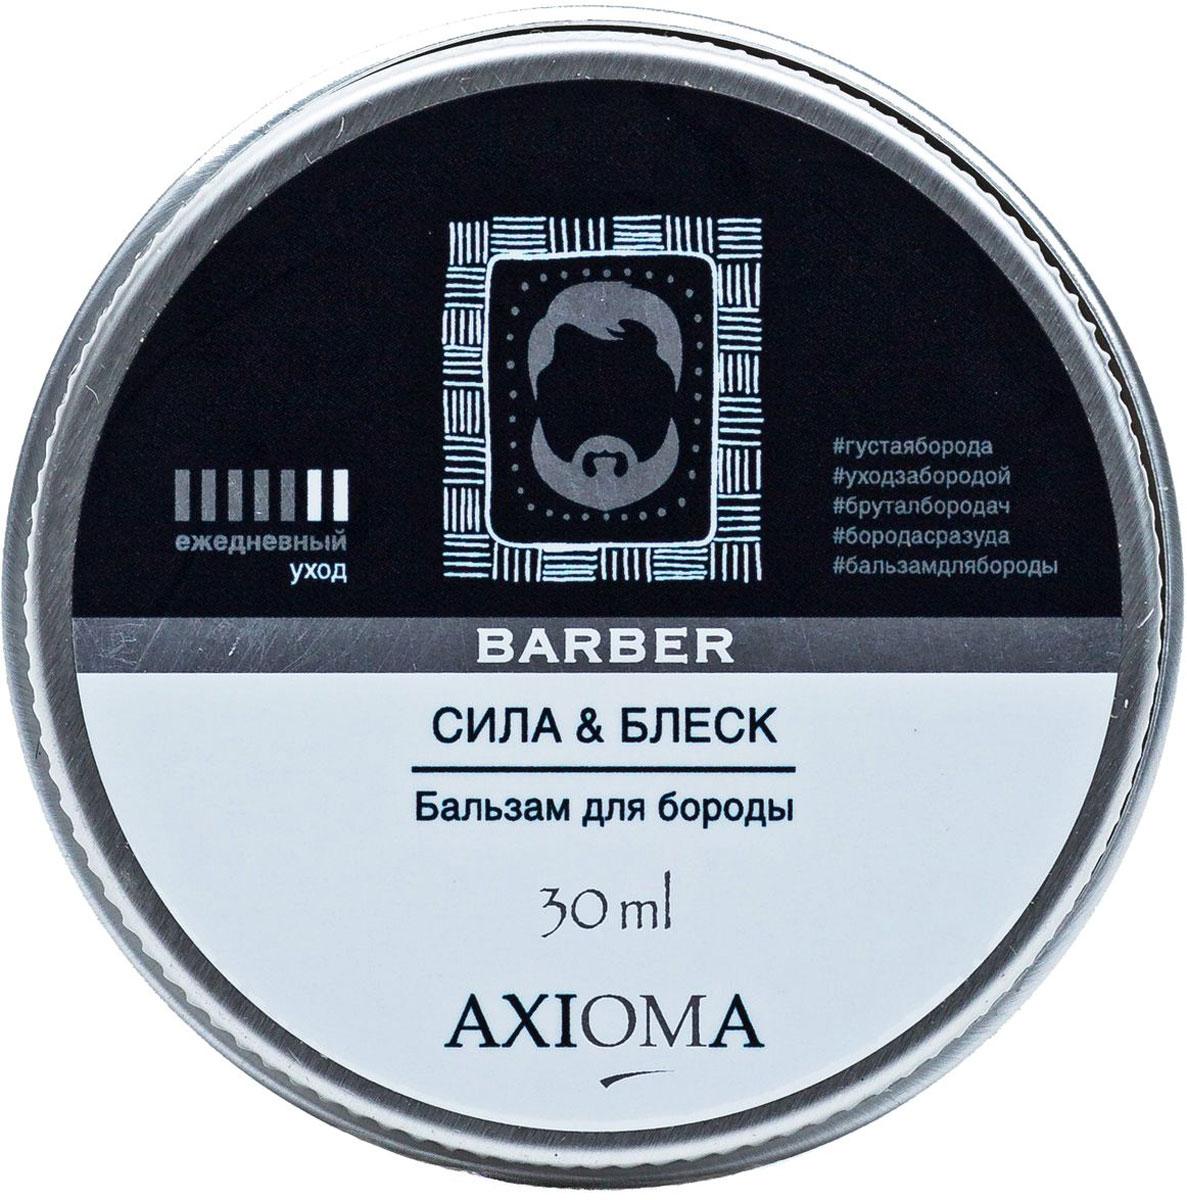 Axioma Бальзам для бороды Сила и блеск, 30 мл8035Увлажняет и питает бороду, придавая ей нужную форму.